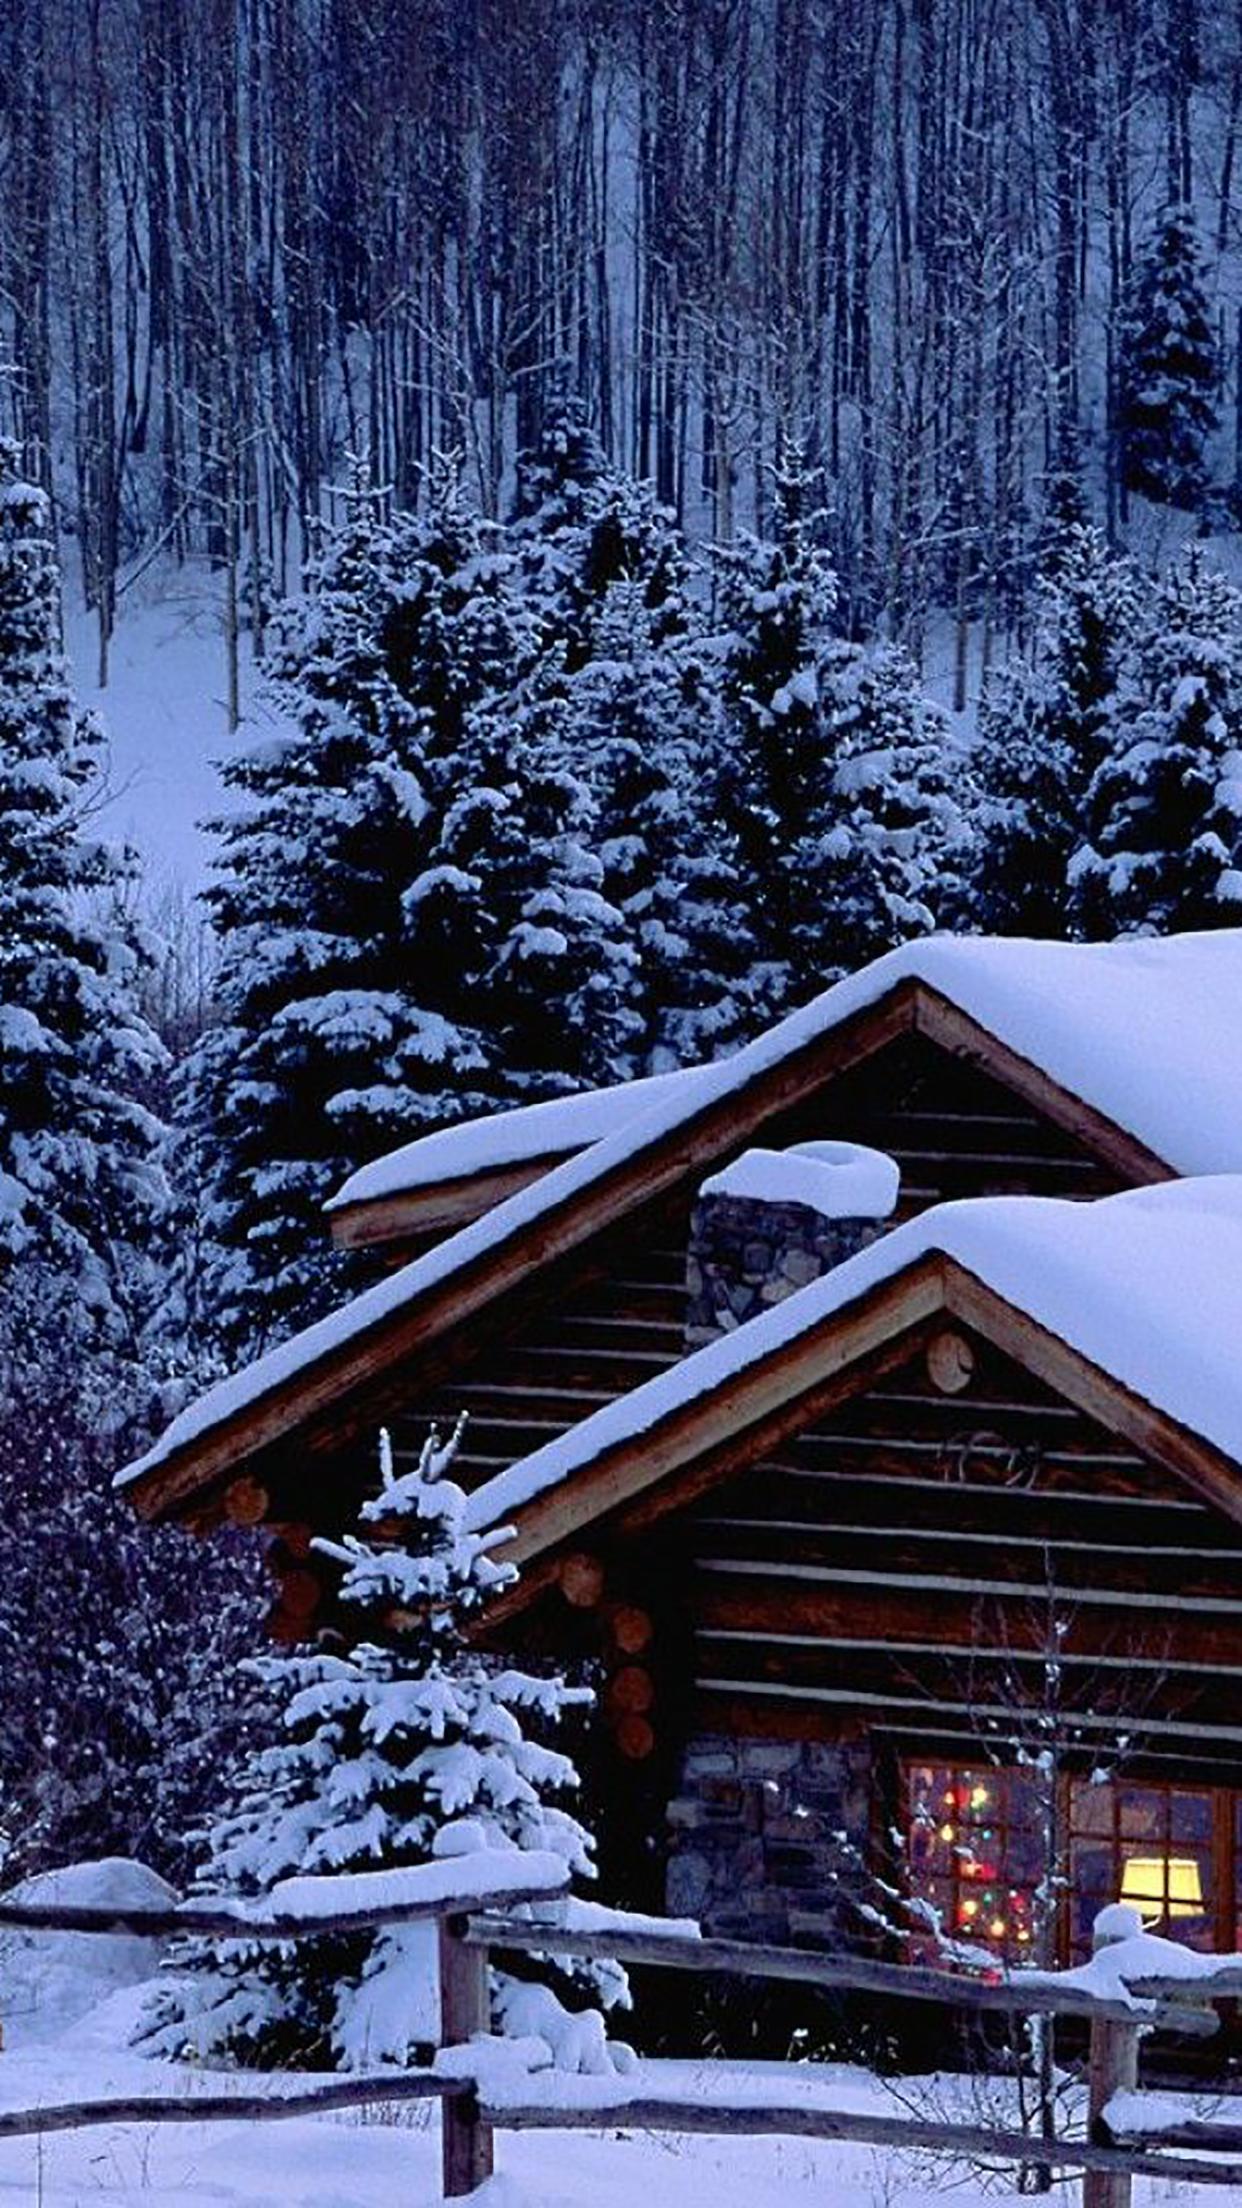 Christmas Maison Sous la Neige 3Wallpapers iPhone Parallax 3Wallpapers : notre sélection de fonds décran du 13/12/2016